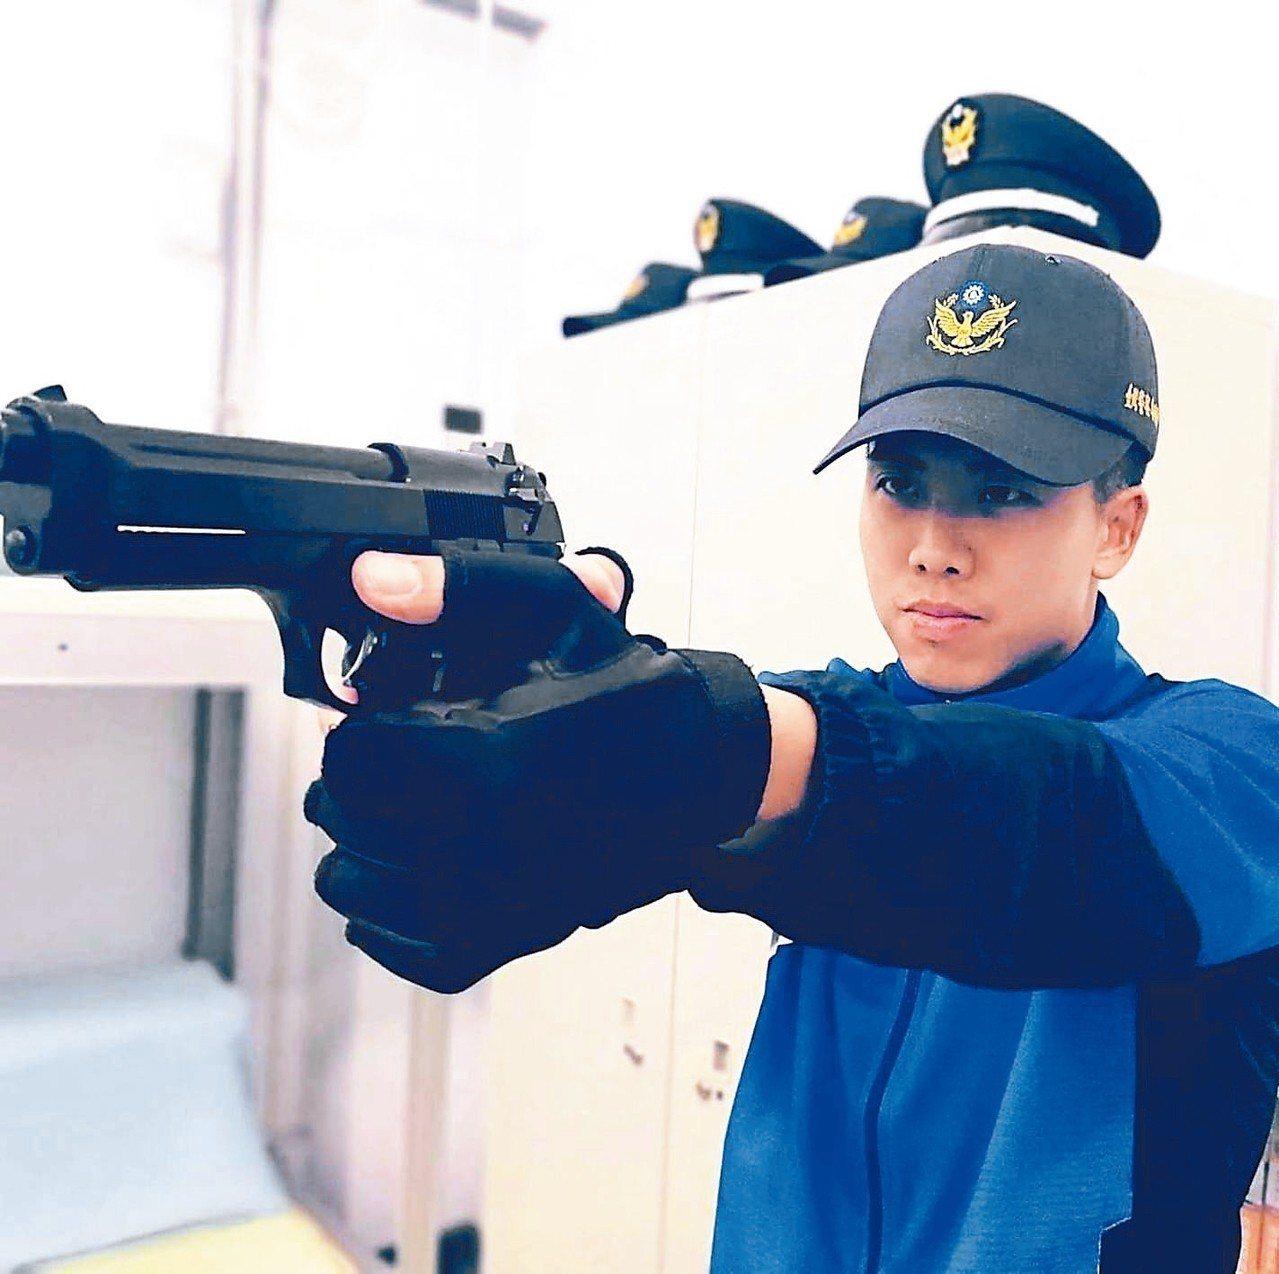 28歲戴志捷原是職業軍人、也曾在夜市擺攤,去年他考取一般警察特考。 圖/戴志捷提...